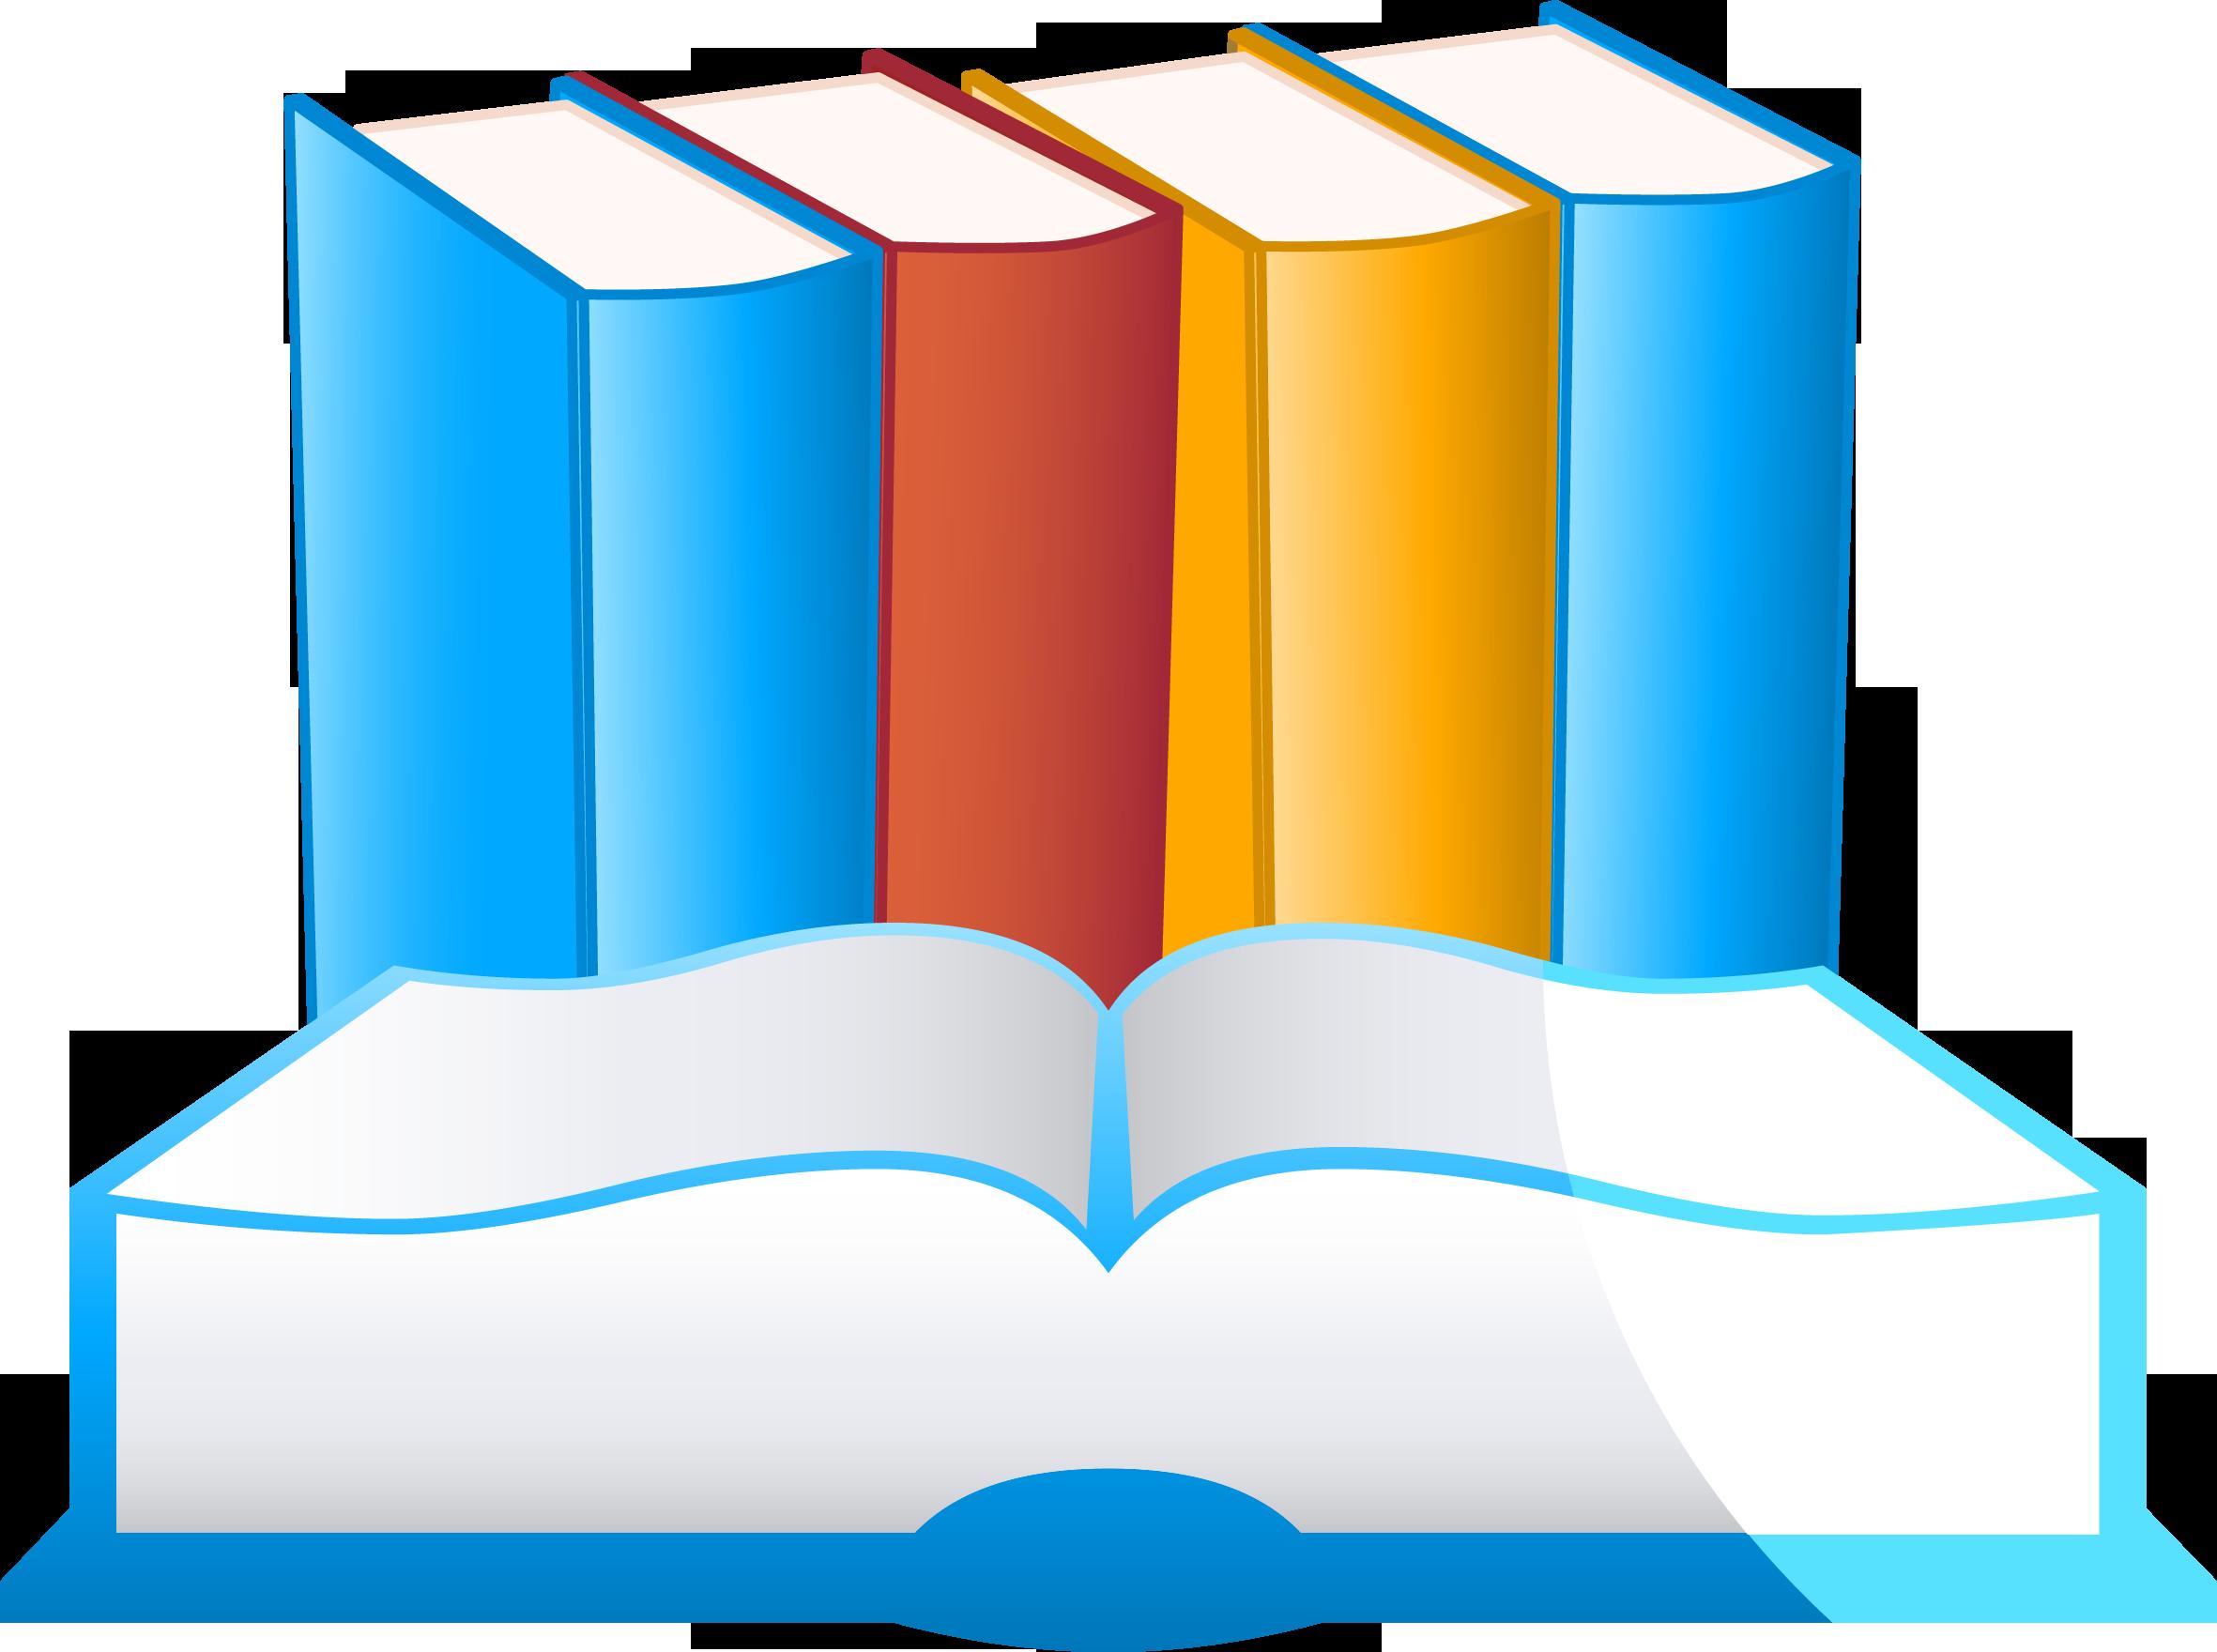 картинки книг эмблем первым